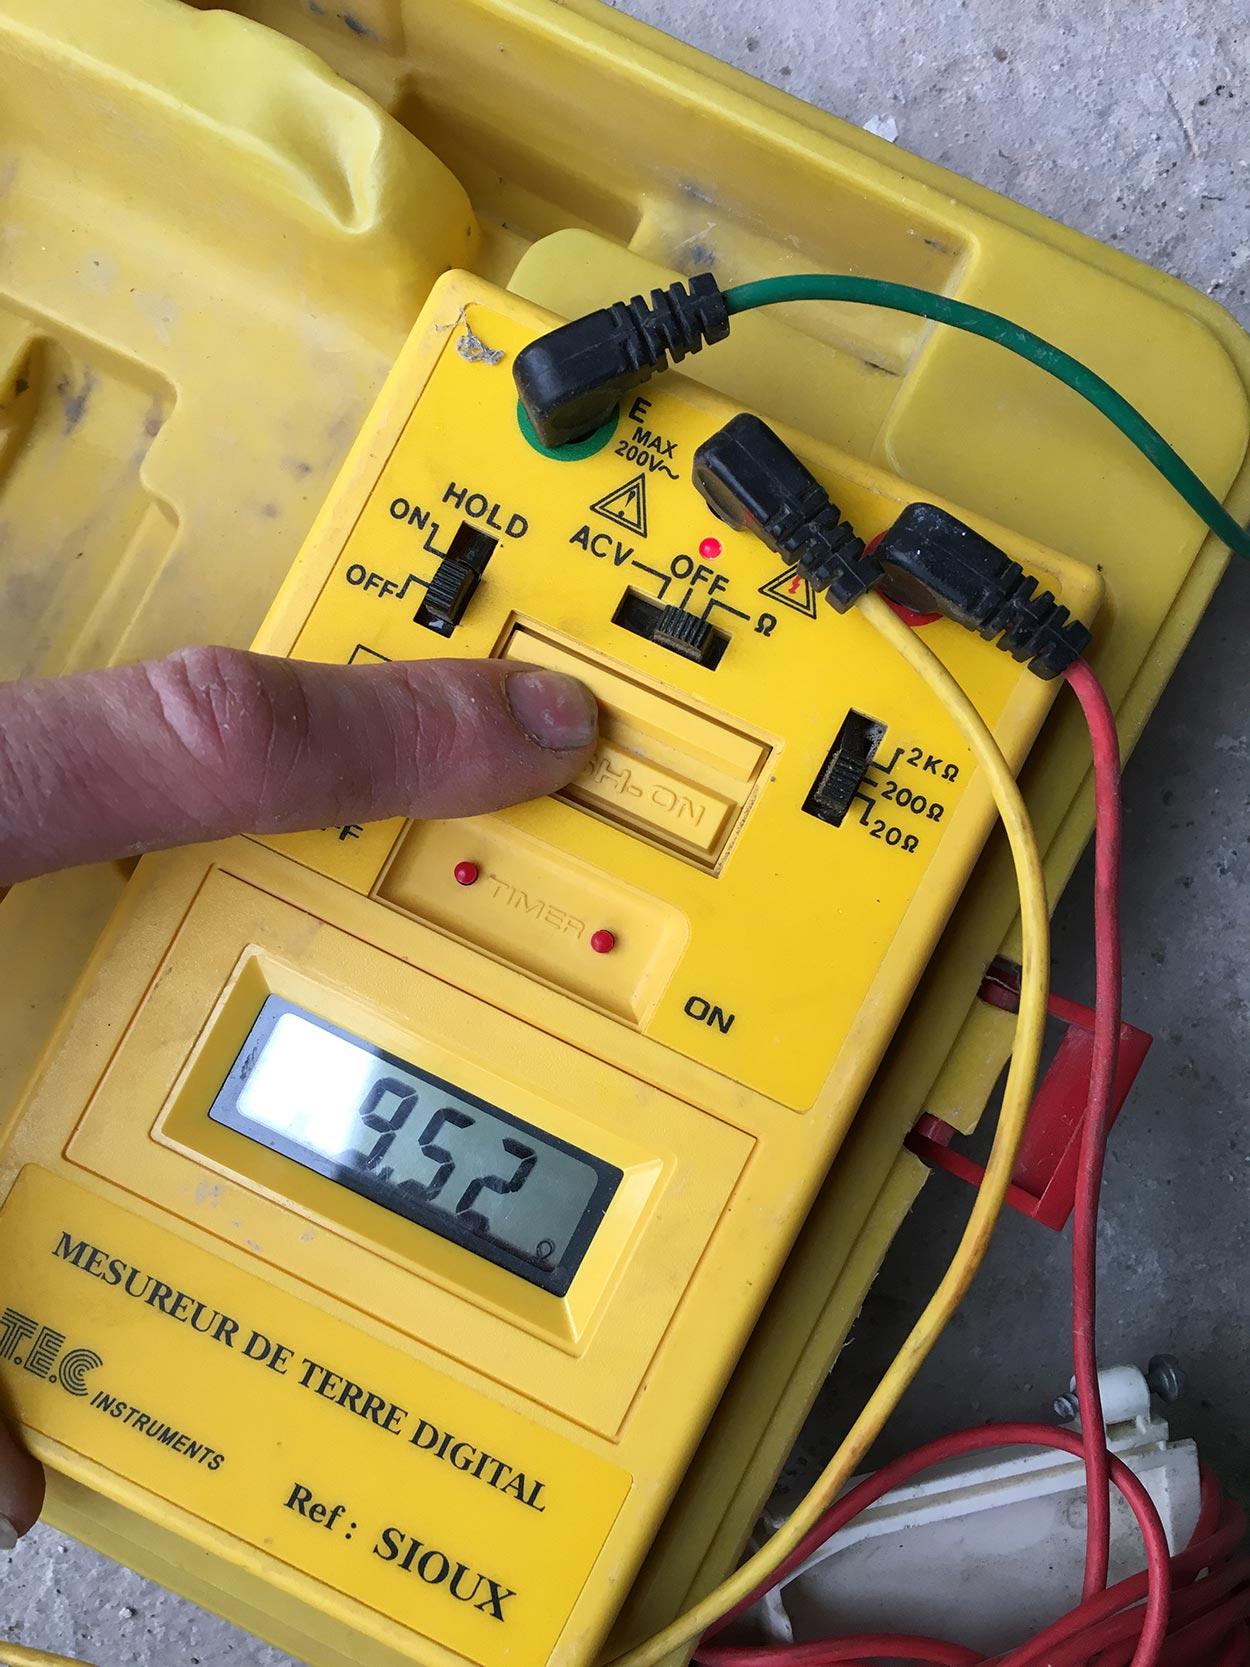 Chauffage Bazas, Chauffage Captieux, Chauffage Langon, Climatisation Bazas, Climatisation Captieux, Climatisation Langon, Domotique Bazas, Domotique Captieux, Domotique Langon, Électricien Bazas, Électricien Captieux, Électricien Langon, Installation Electrique Bazas, Installation Electrique Captieux, Installation Electrique Langon, Plombier Bazas, Plombier Captieux, Plombier Langon